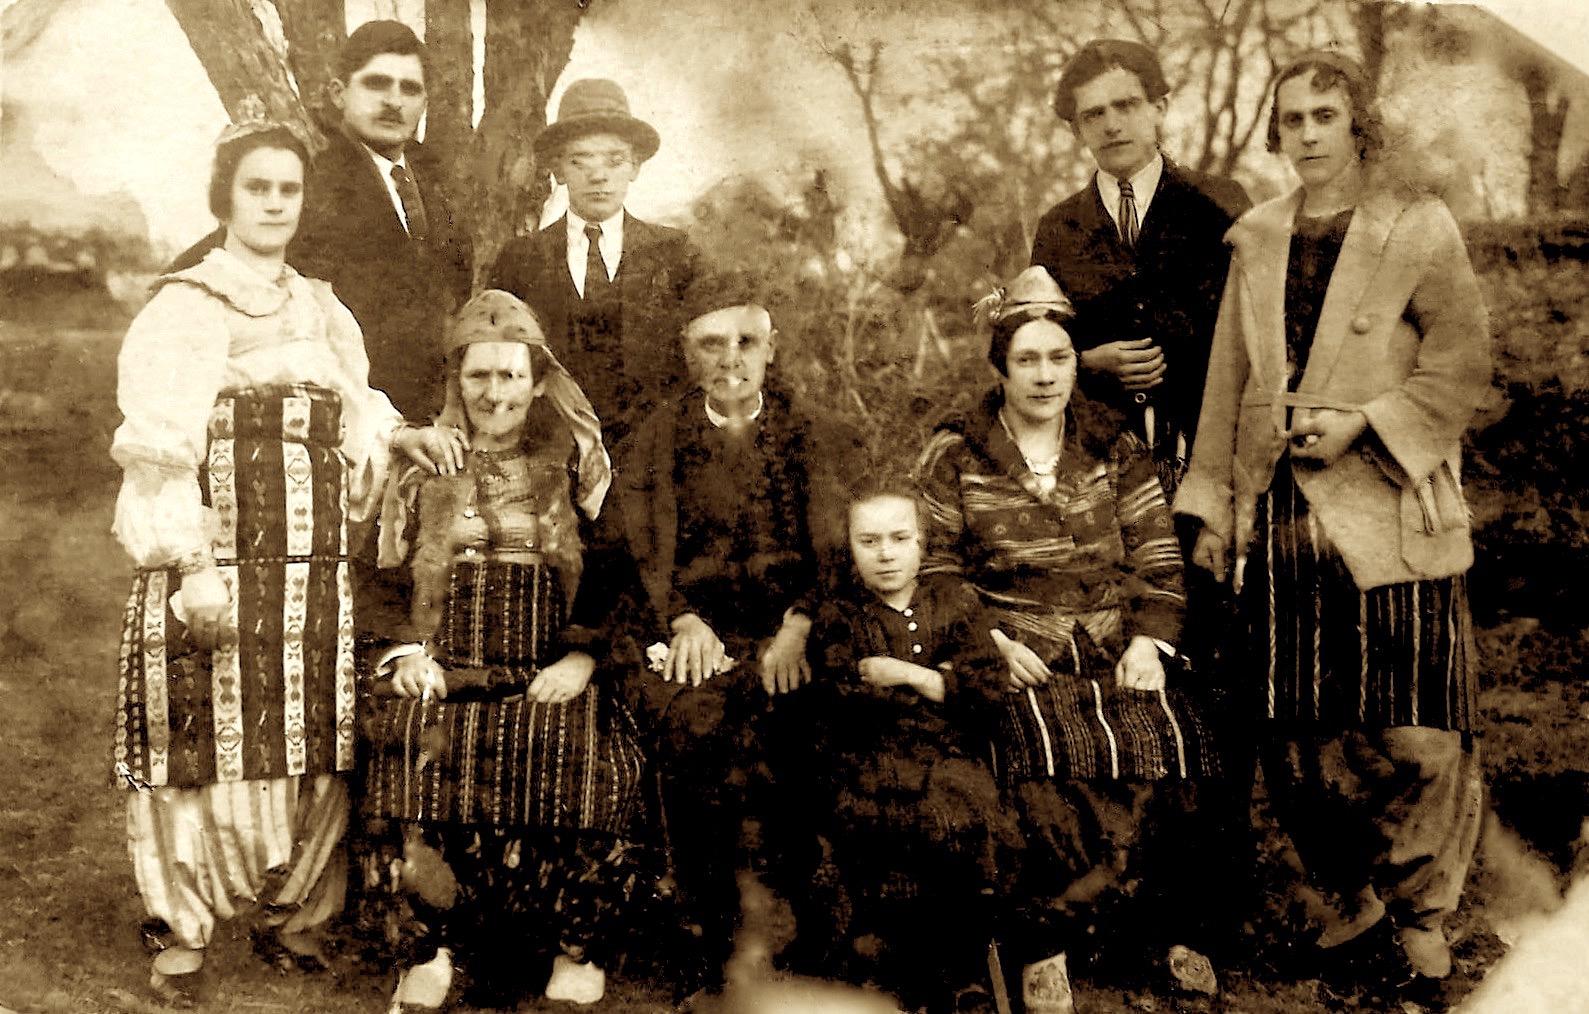 Familja Vushmaqi, Pejë 1925, Frano e Pjetër, me gratë e prindët